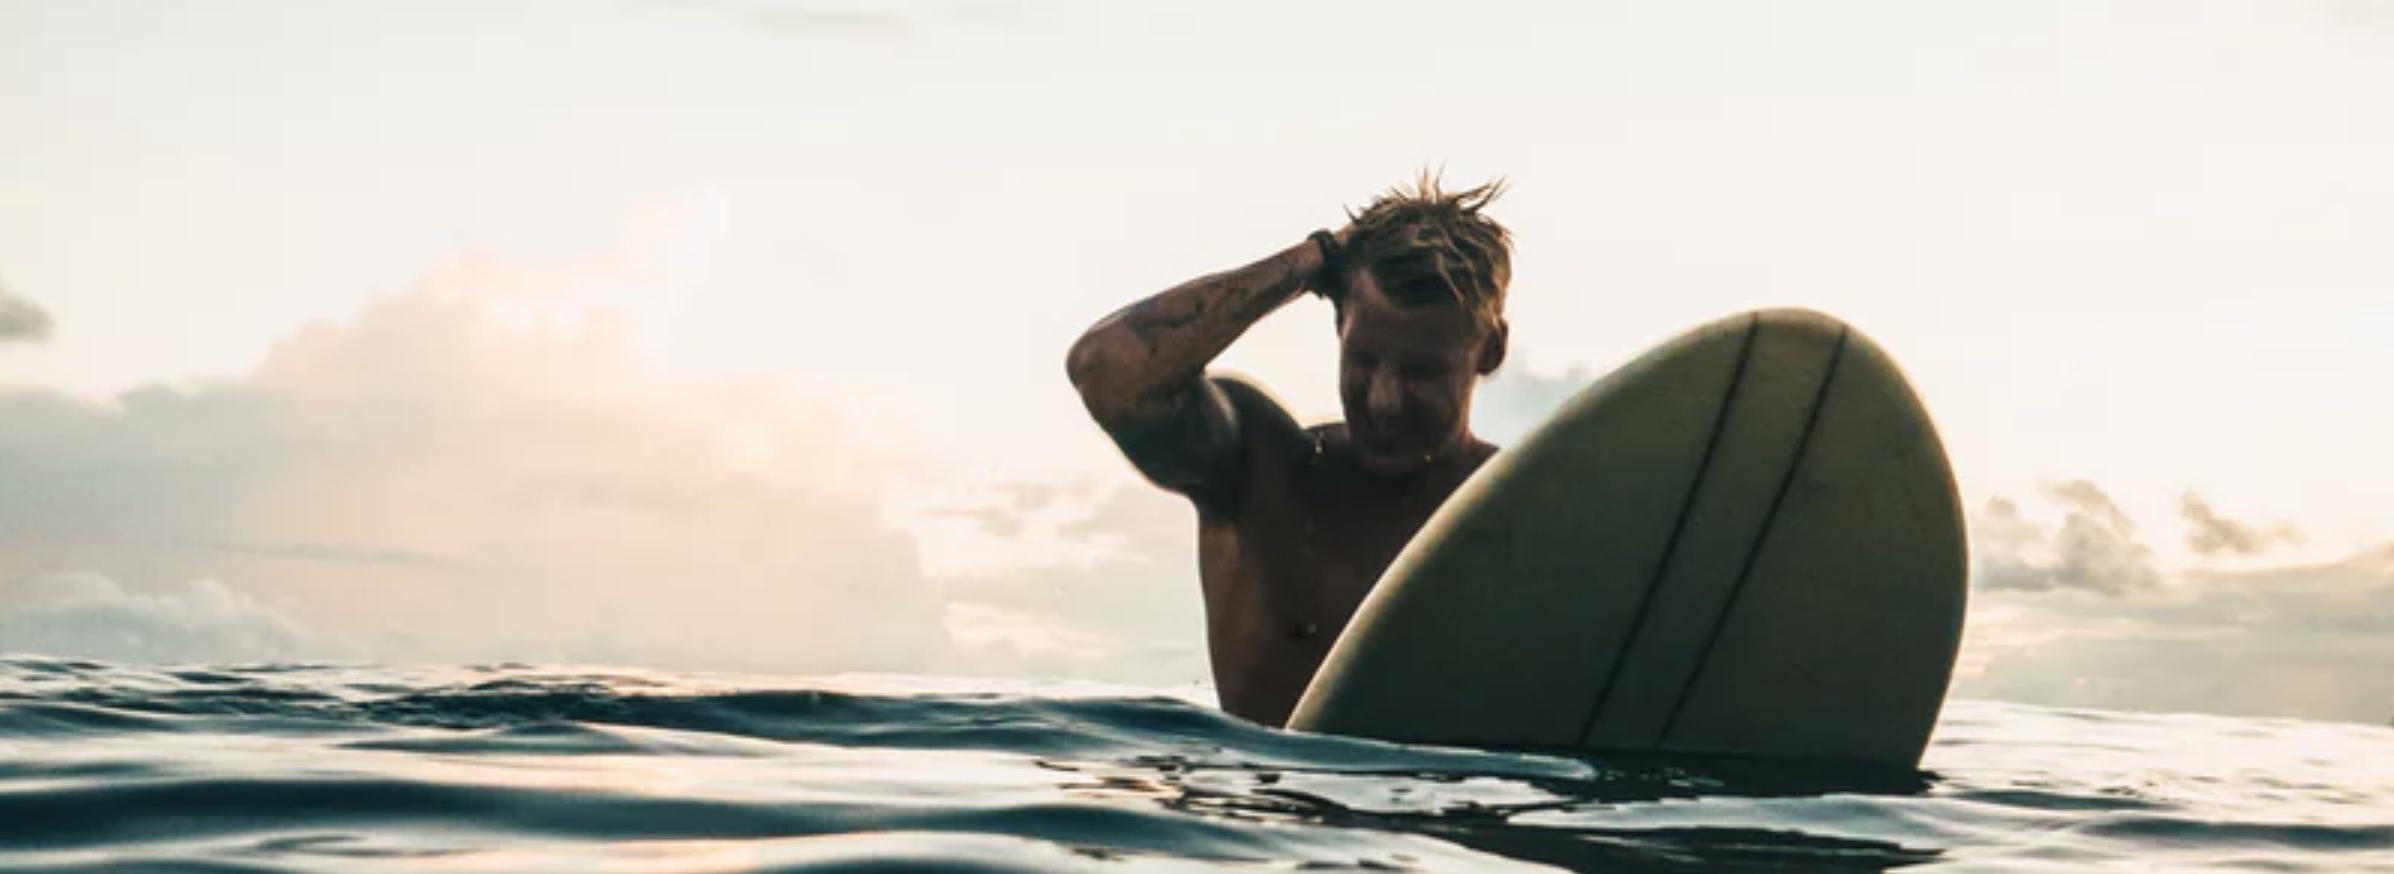 西冲有很多不同级别的浪点,可以找到自己喜欢的海域进行冲浪